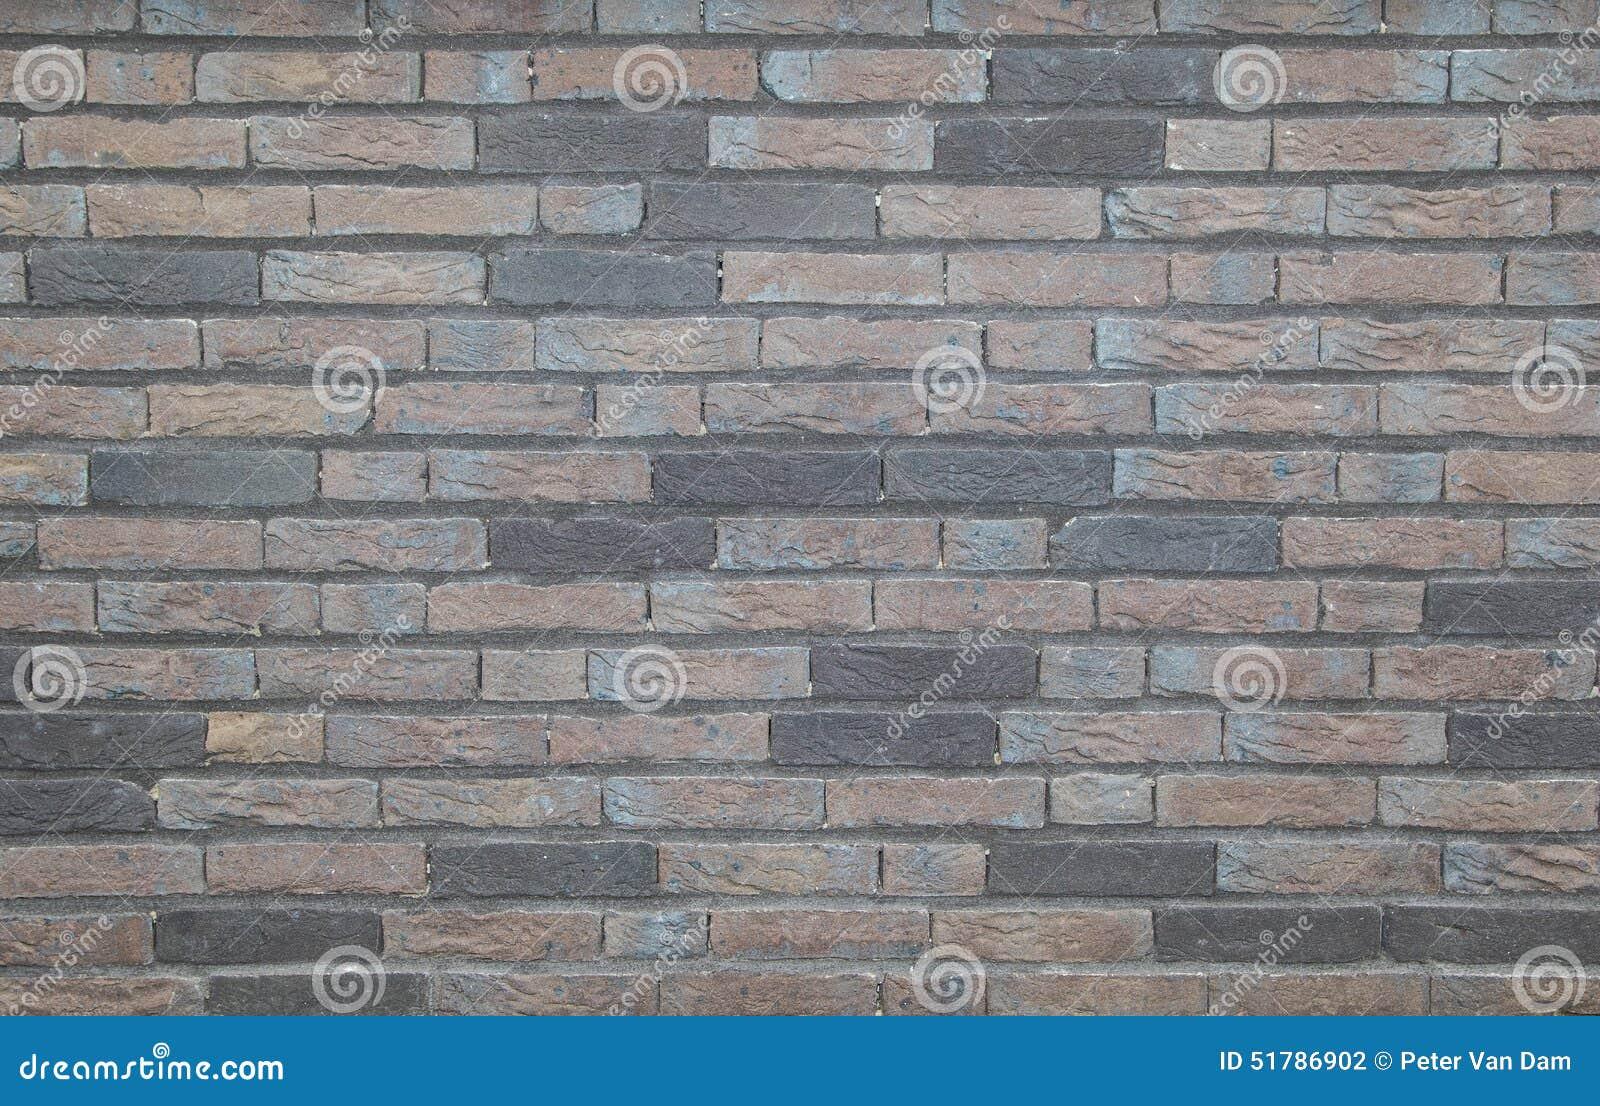 Grijze bakstenen muur stock foto afbeelding 51786902 for Grijze muur